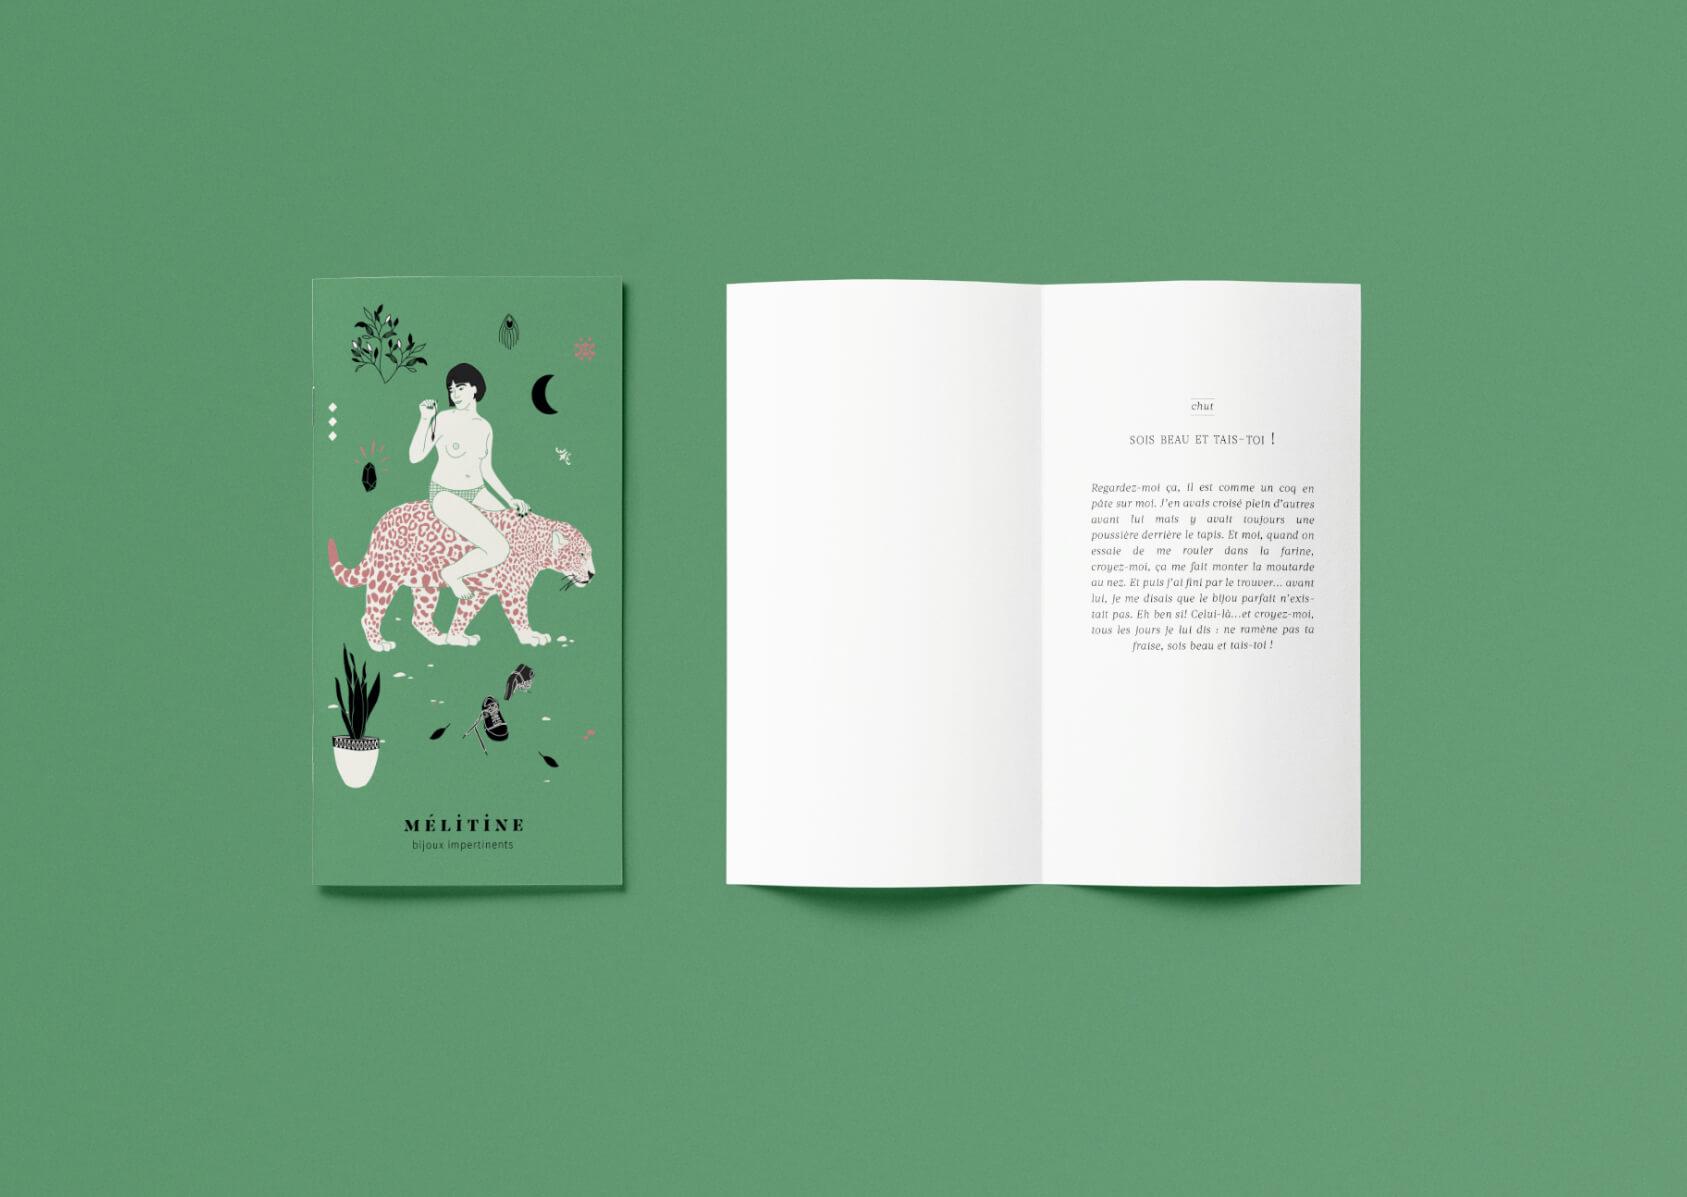 carte avec une poésie illustrée